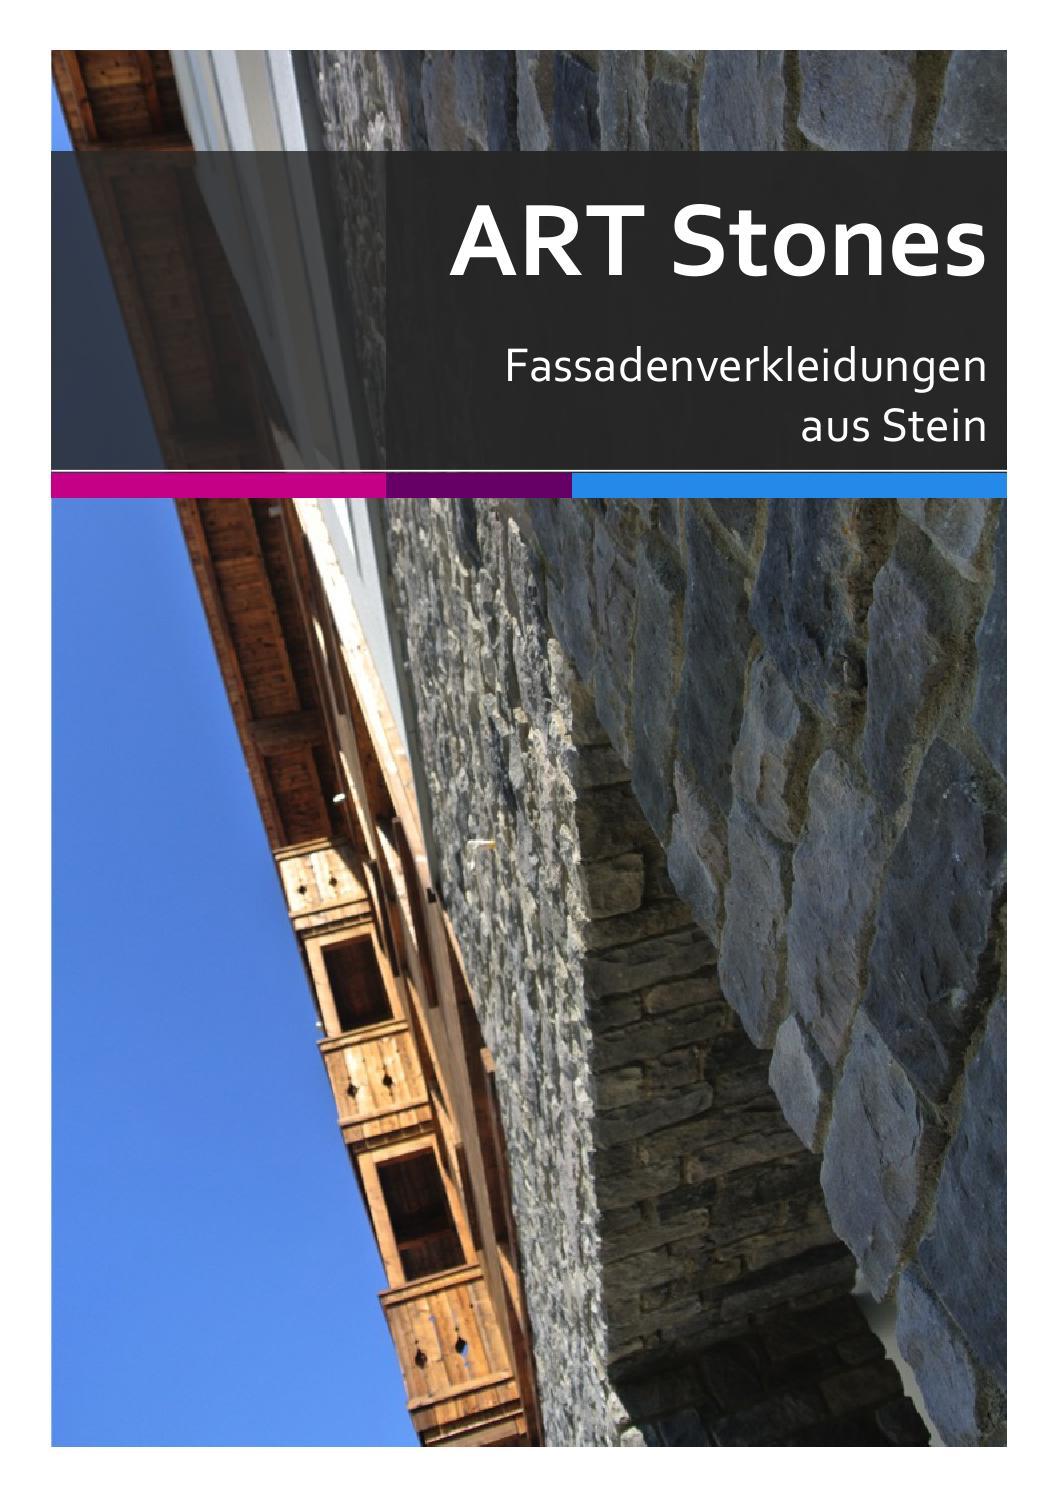 art stones fassadenverkleidungen aus stein by art stones. Black Bedroom Furniture Sets. Home Design Ideas